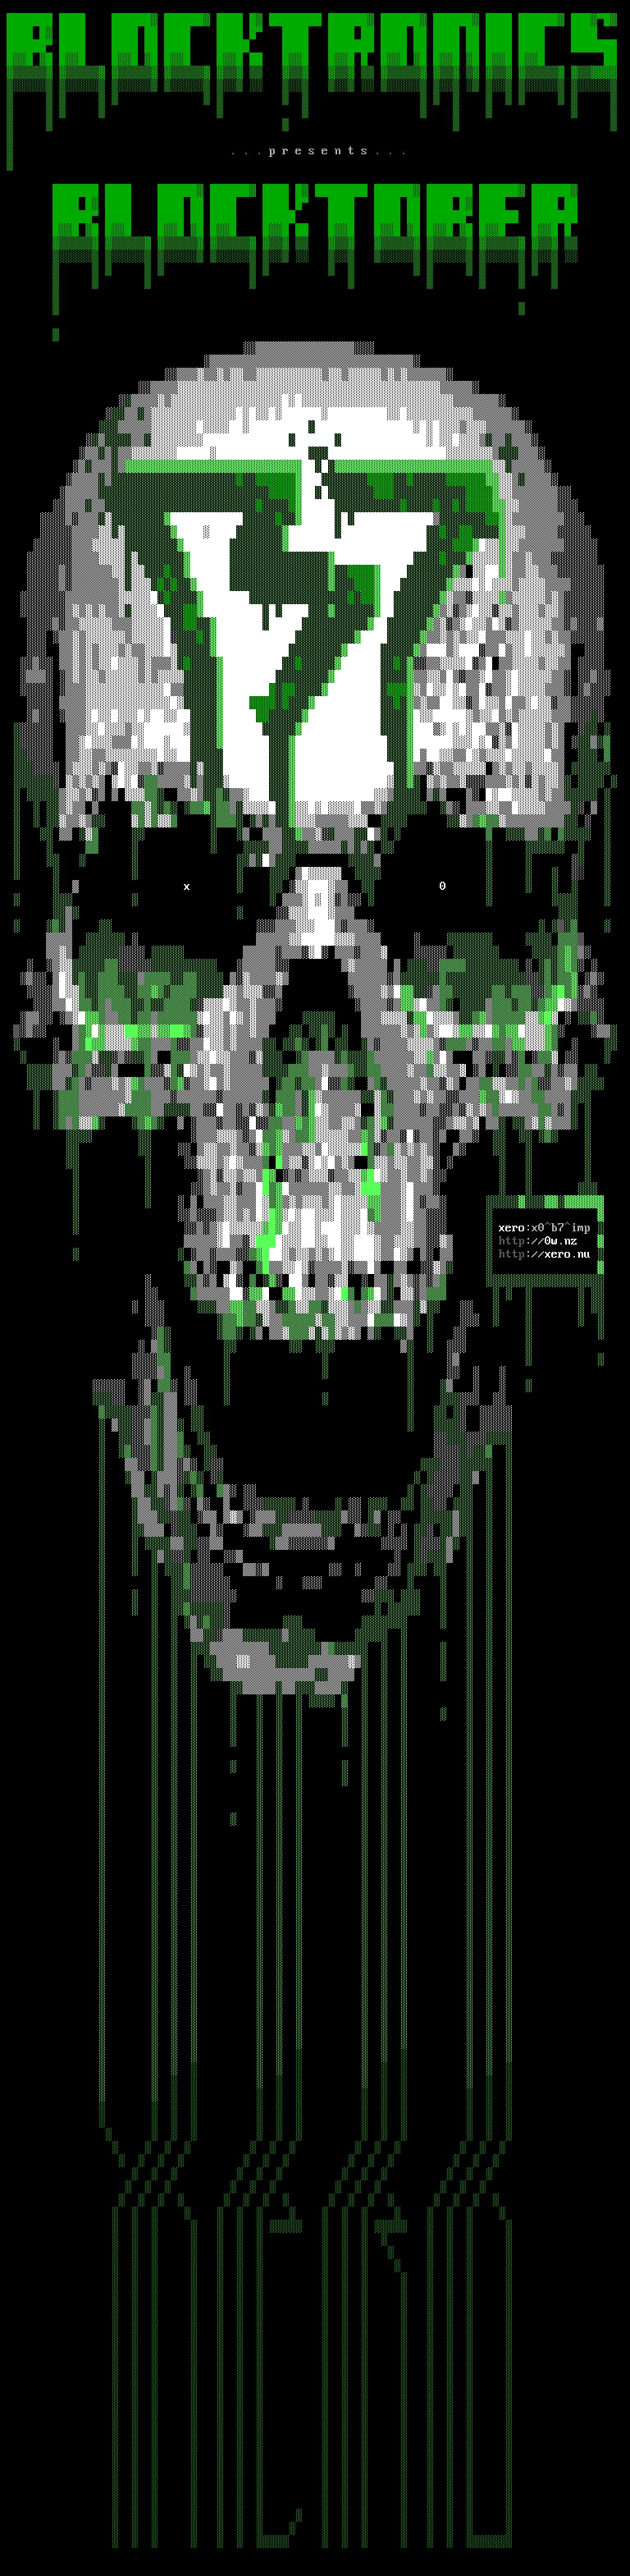 x0-toxic-skull-ans, xero, xer0, x0, skull, blocktronics, green, white, gray, b7, blocktober